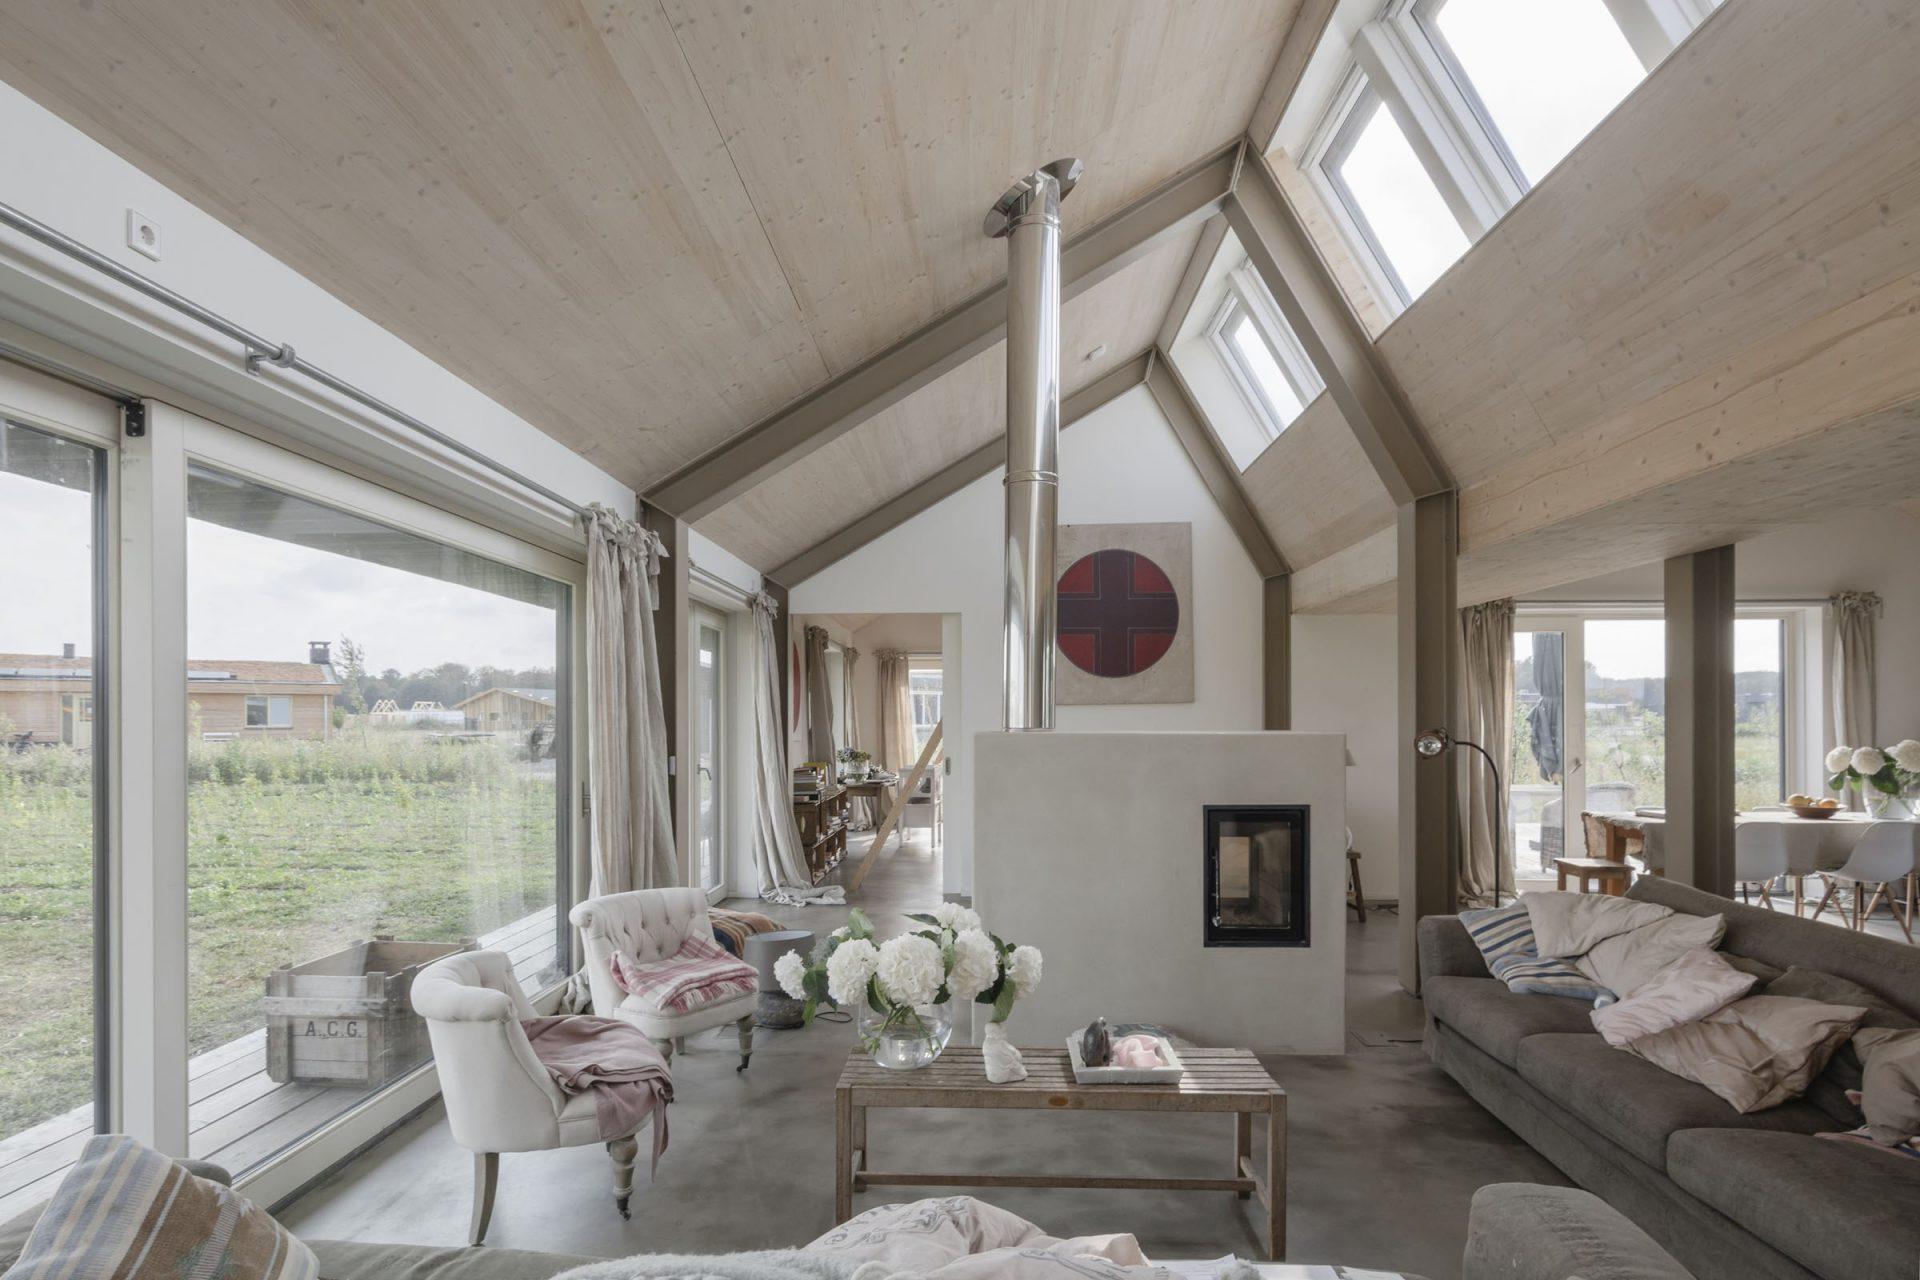 188NJ Oosterwold woonkamer